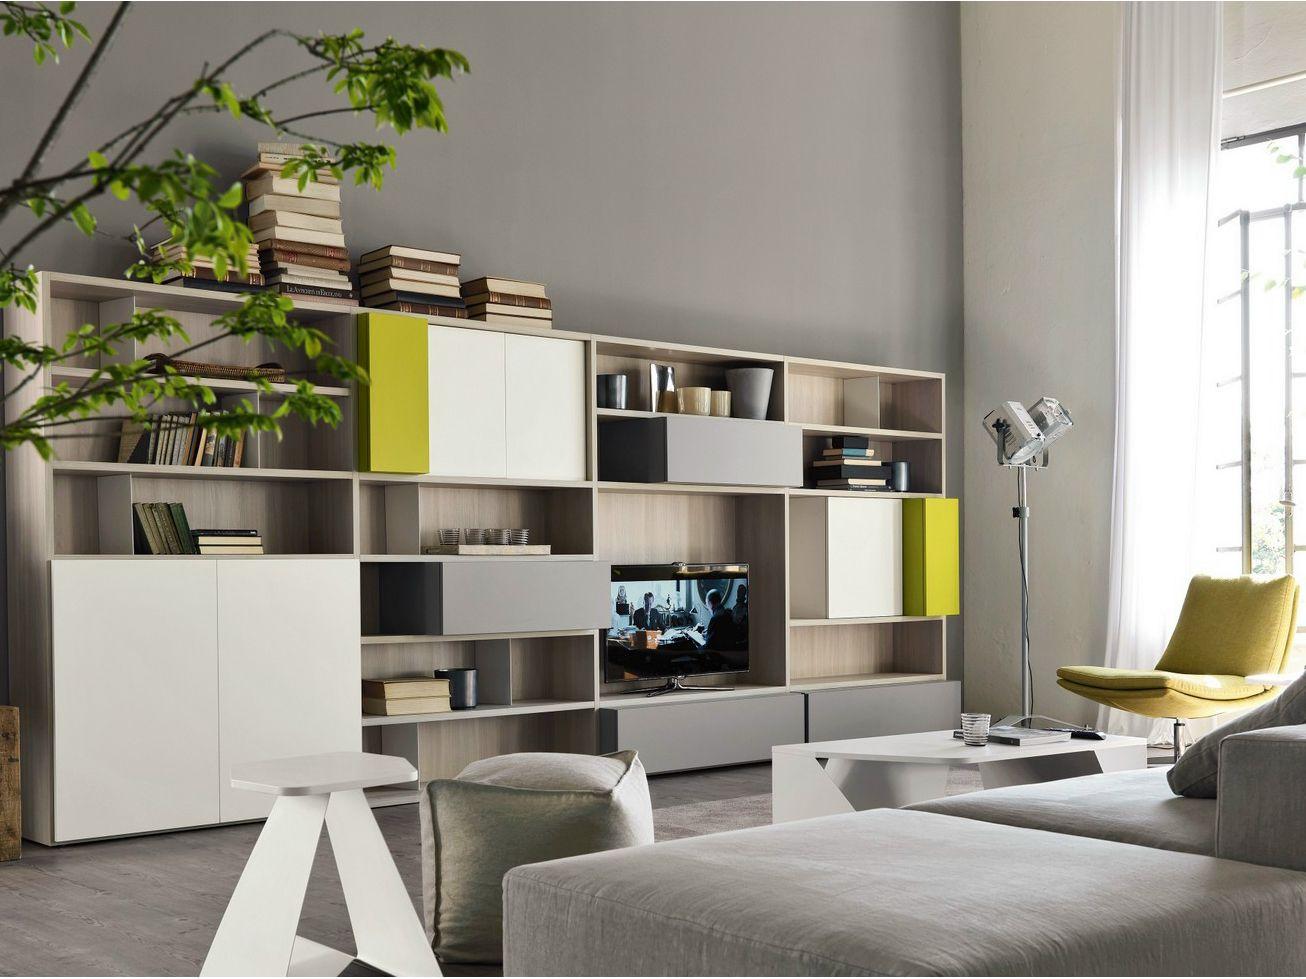 Mueble modular de pared composable con soporte para tv CITYLIFE 16 ...